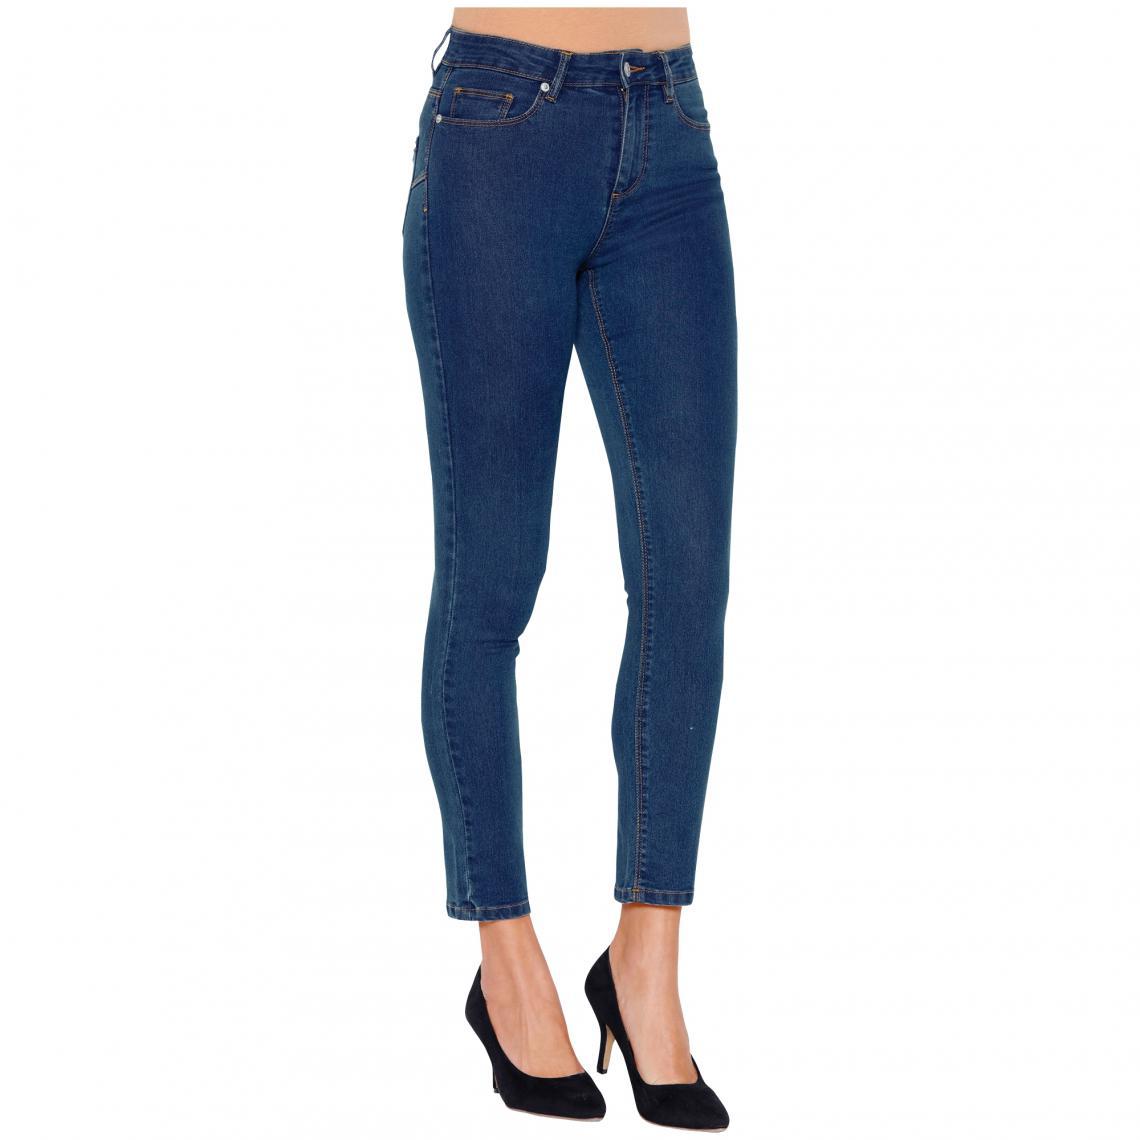 dd7475e1183f9 ... taille haute pierres fantaisie sur poche femme exclusivité 3Suisses - bleu  foncé 3 Suisses Cliquez l image pour l agrandir  Jeans skinny femme 3  Suisses